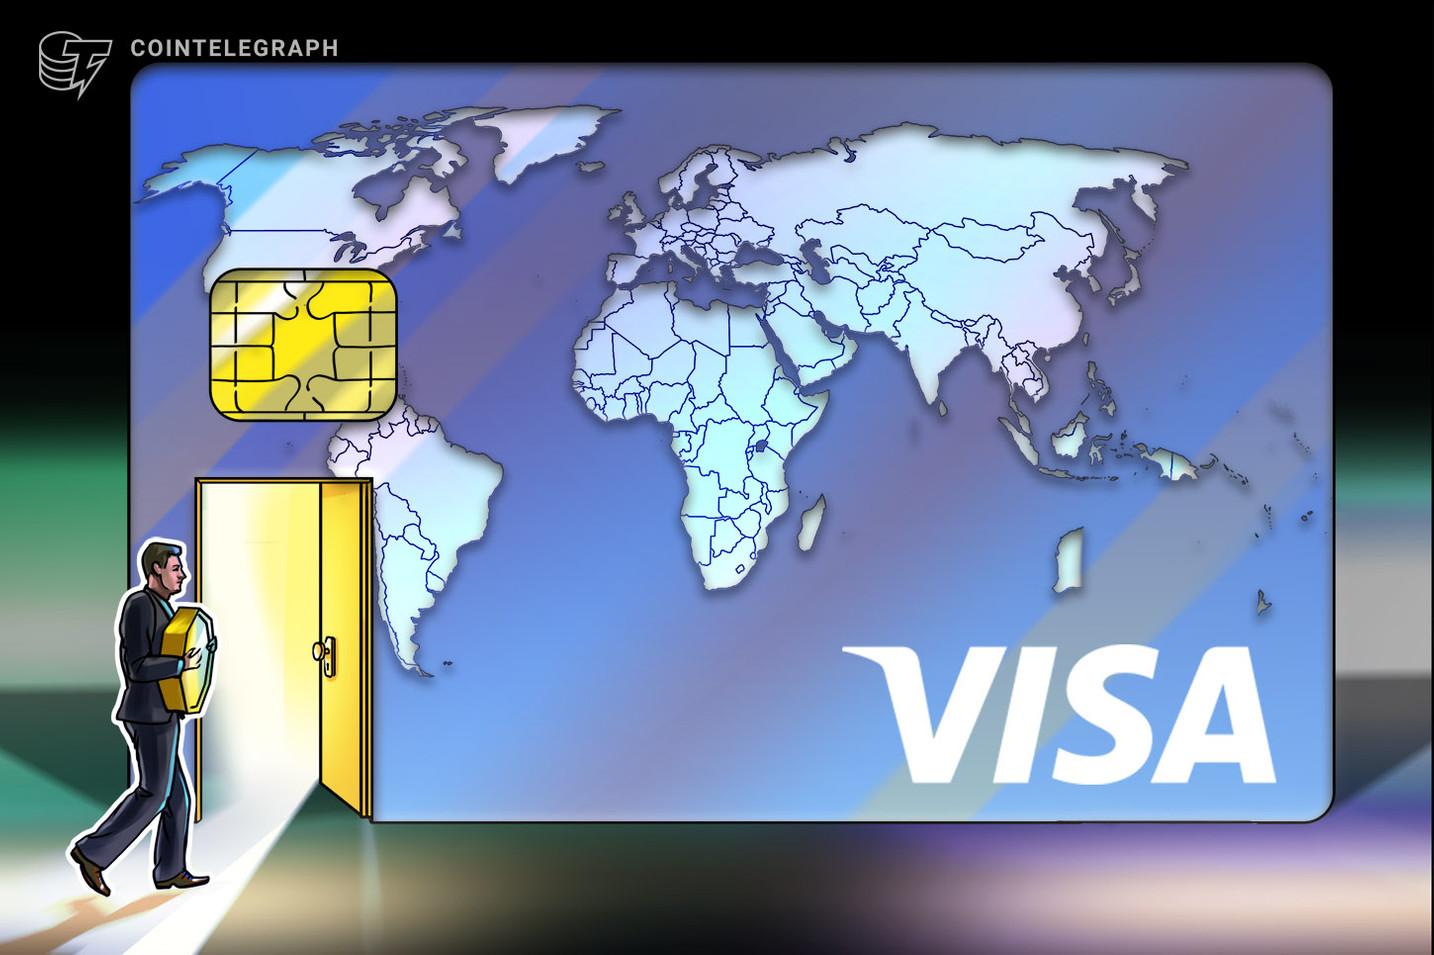 Visa za pridobitev čezmejnih plačil fintech Currencycloud